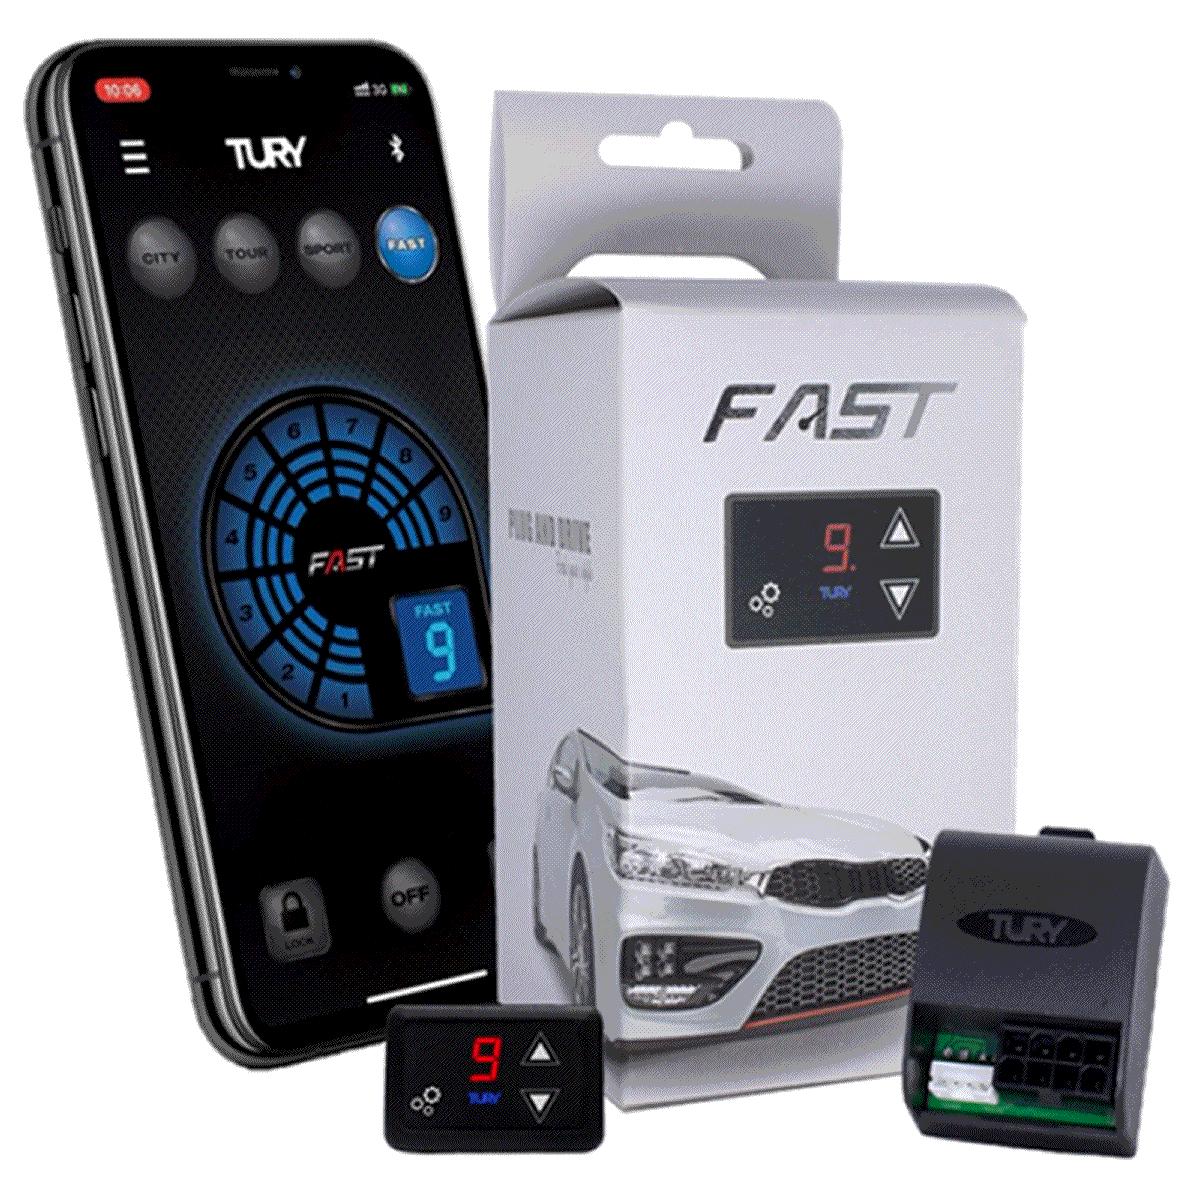 Fast 2.0 G Hyundai e Kia Módulo Bluetooth Acelerador Plug & Play